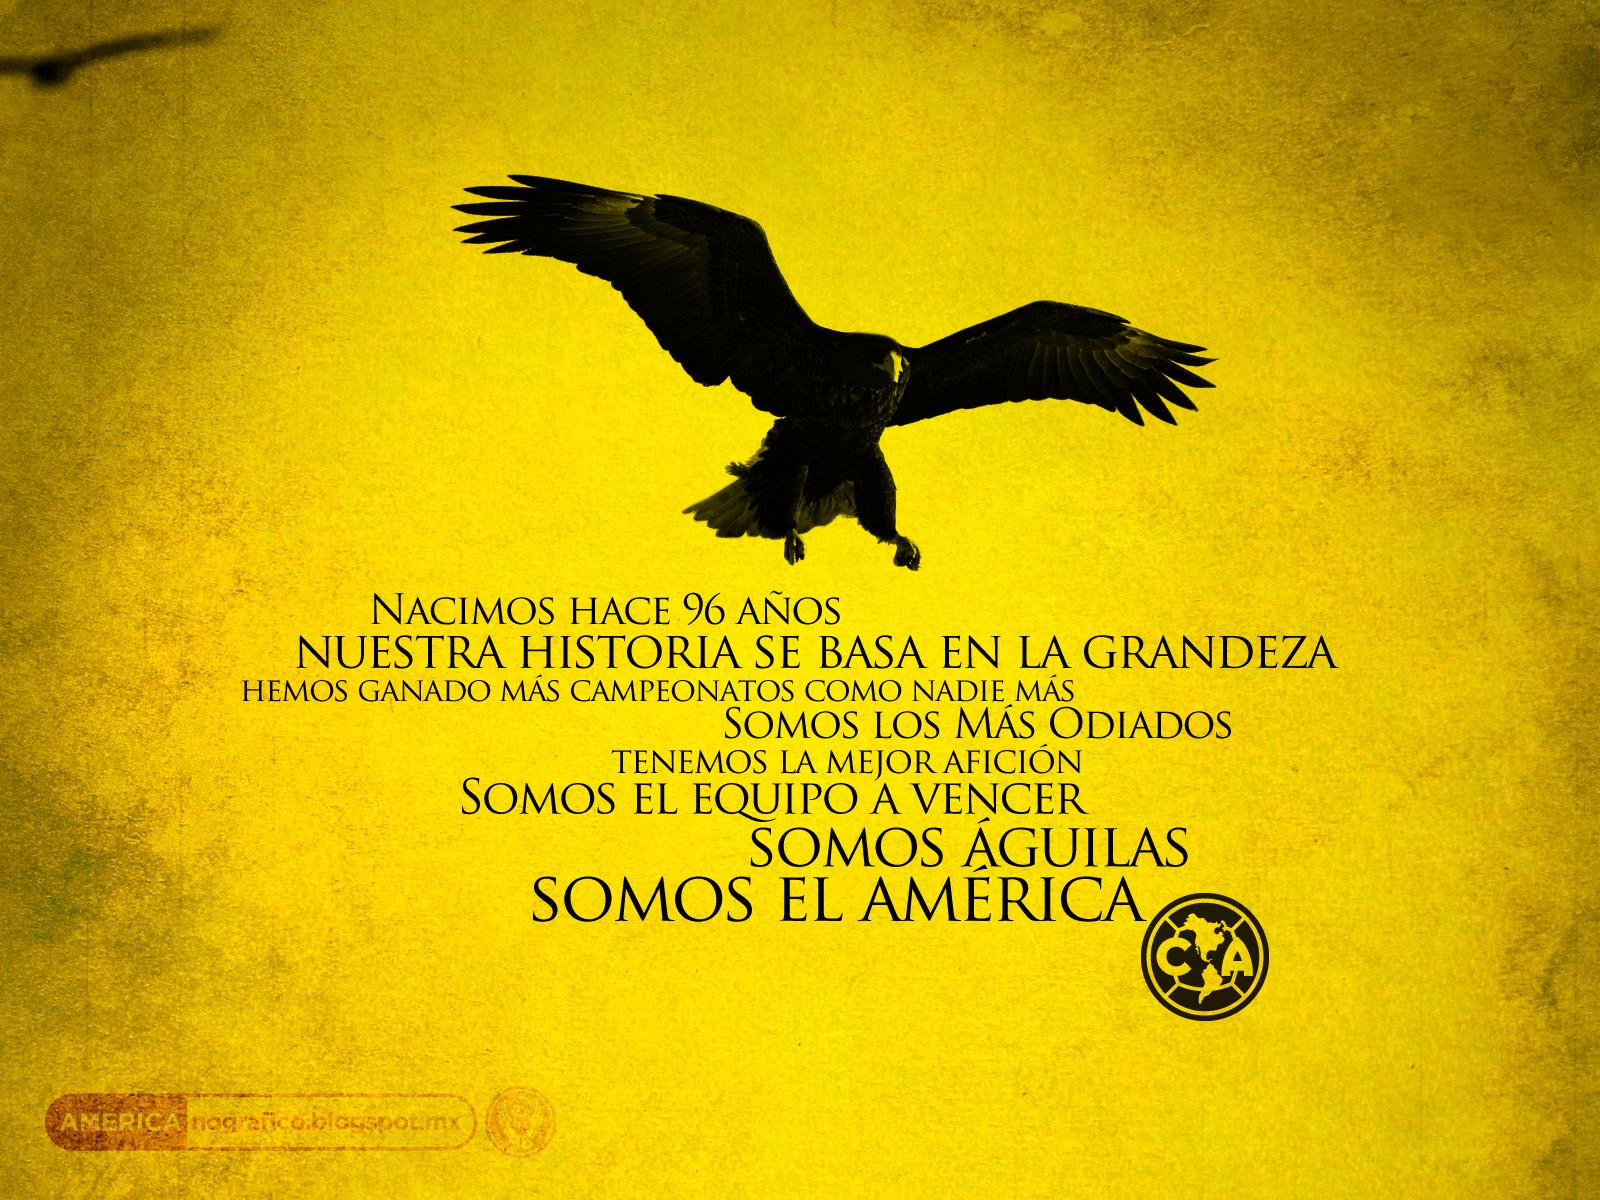 Americanografico Somos águilas 27092012ctg